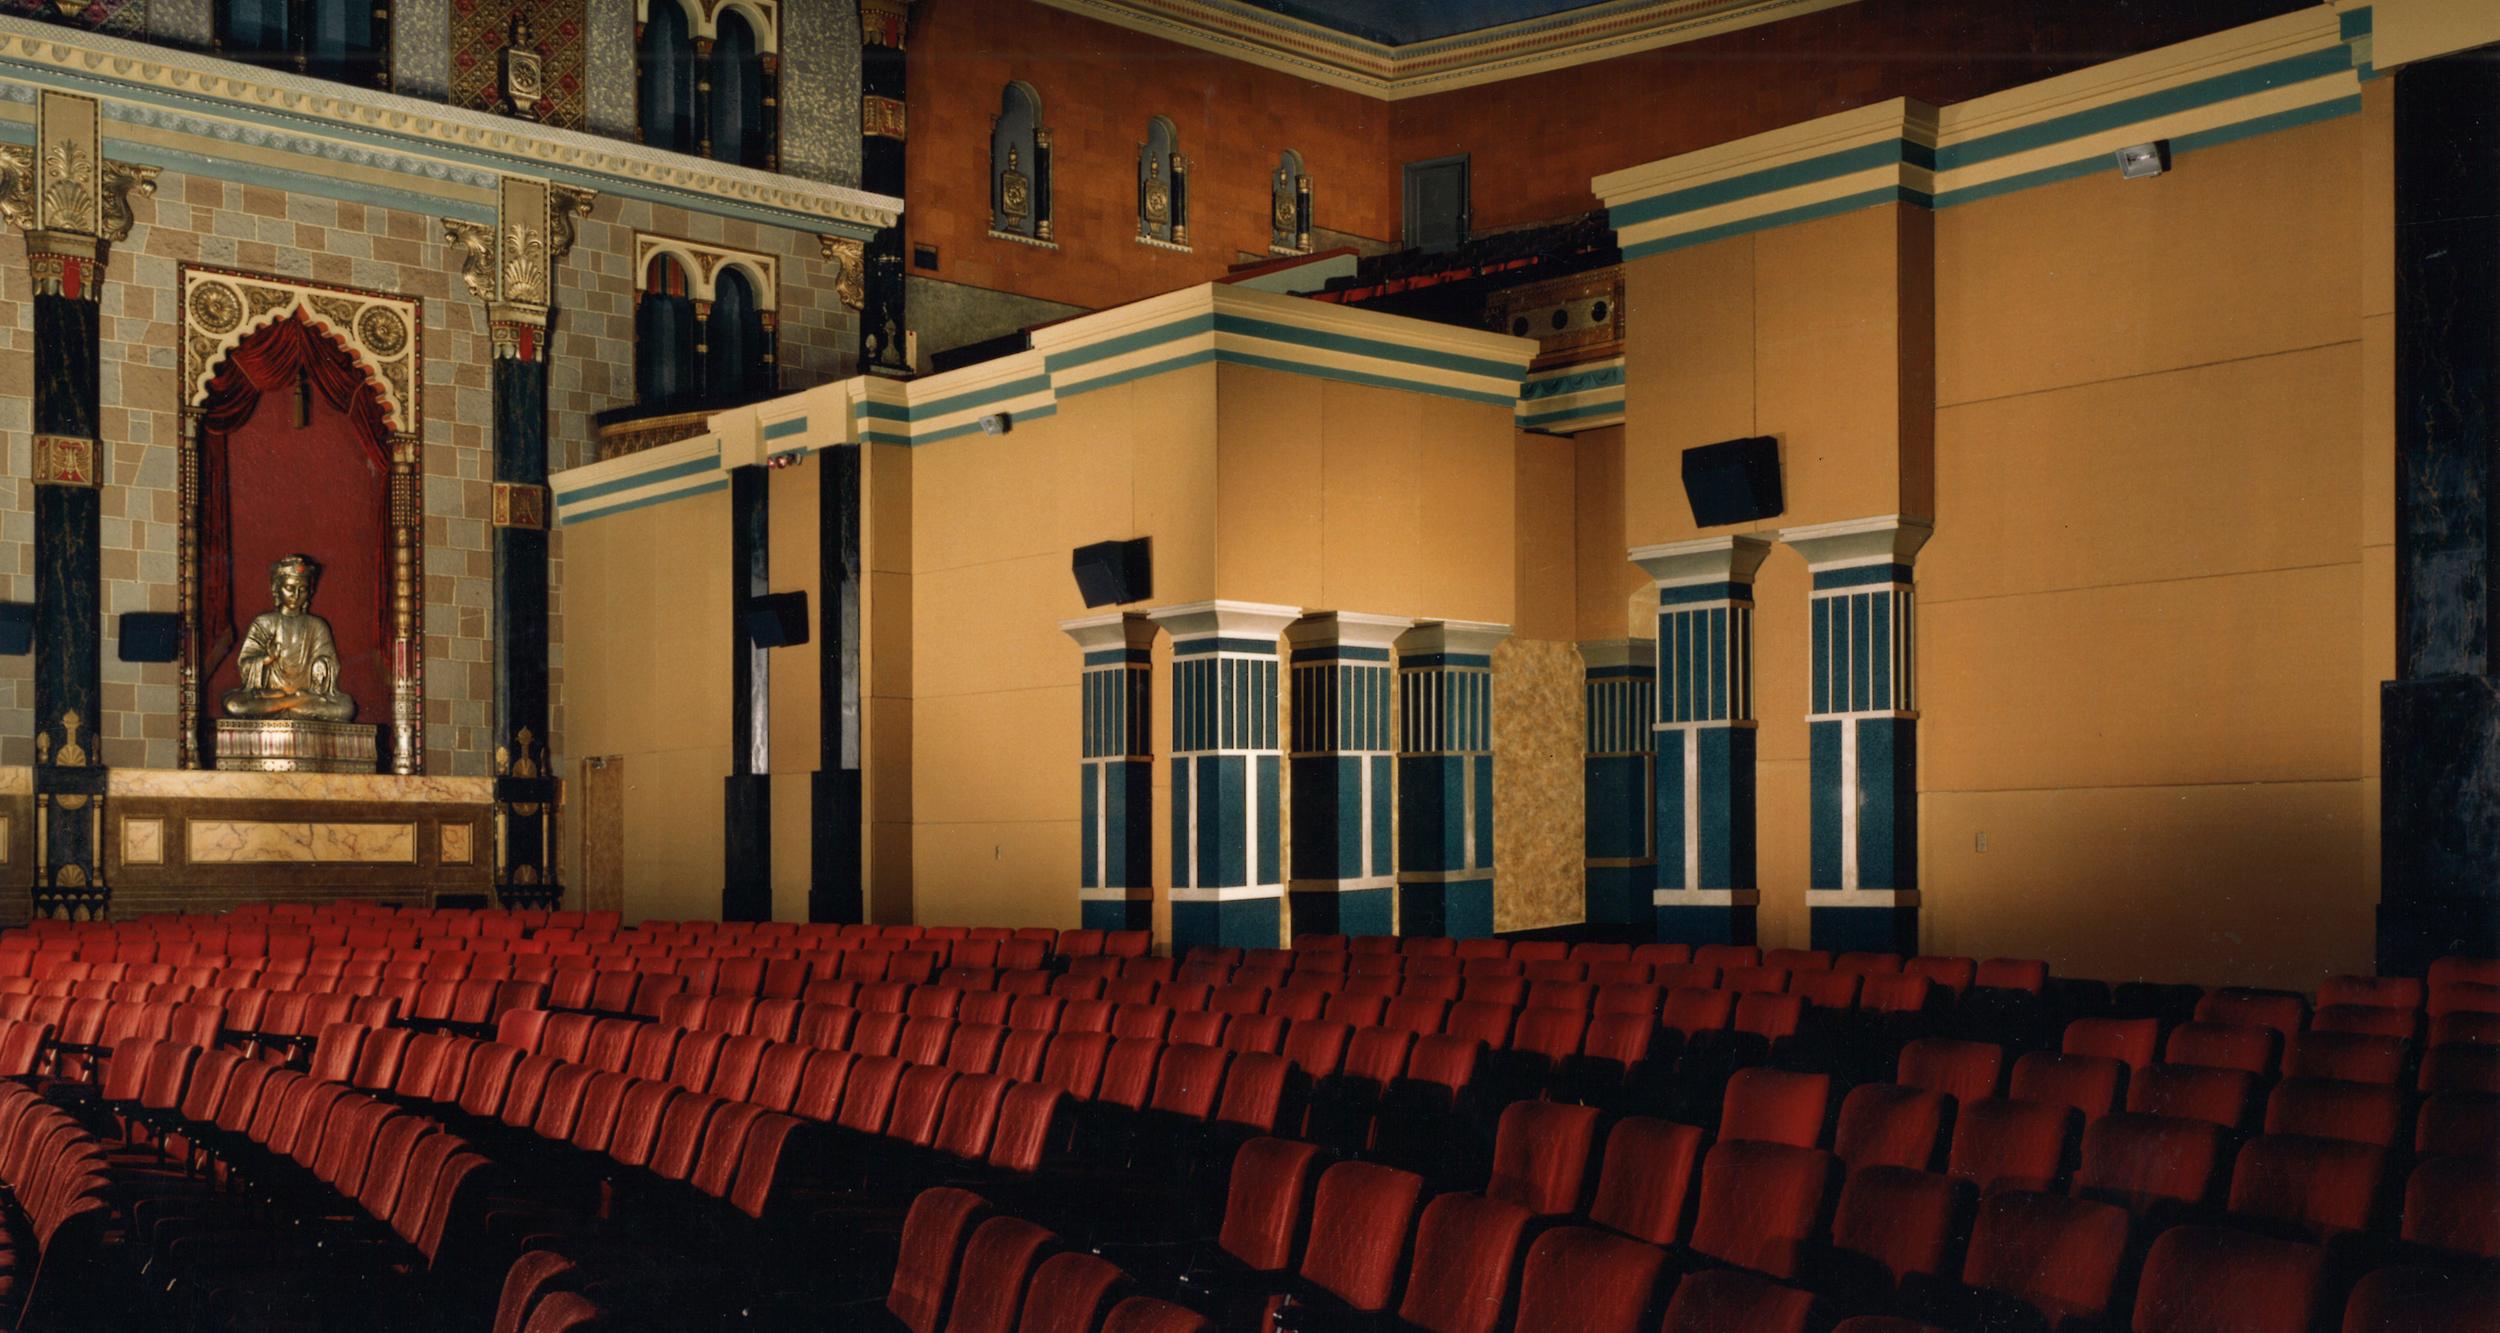 Oriental Theater 9